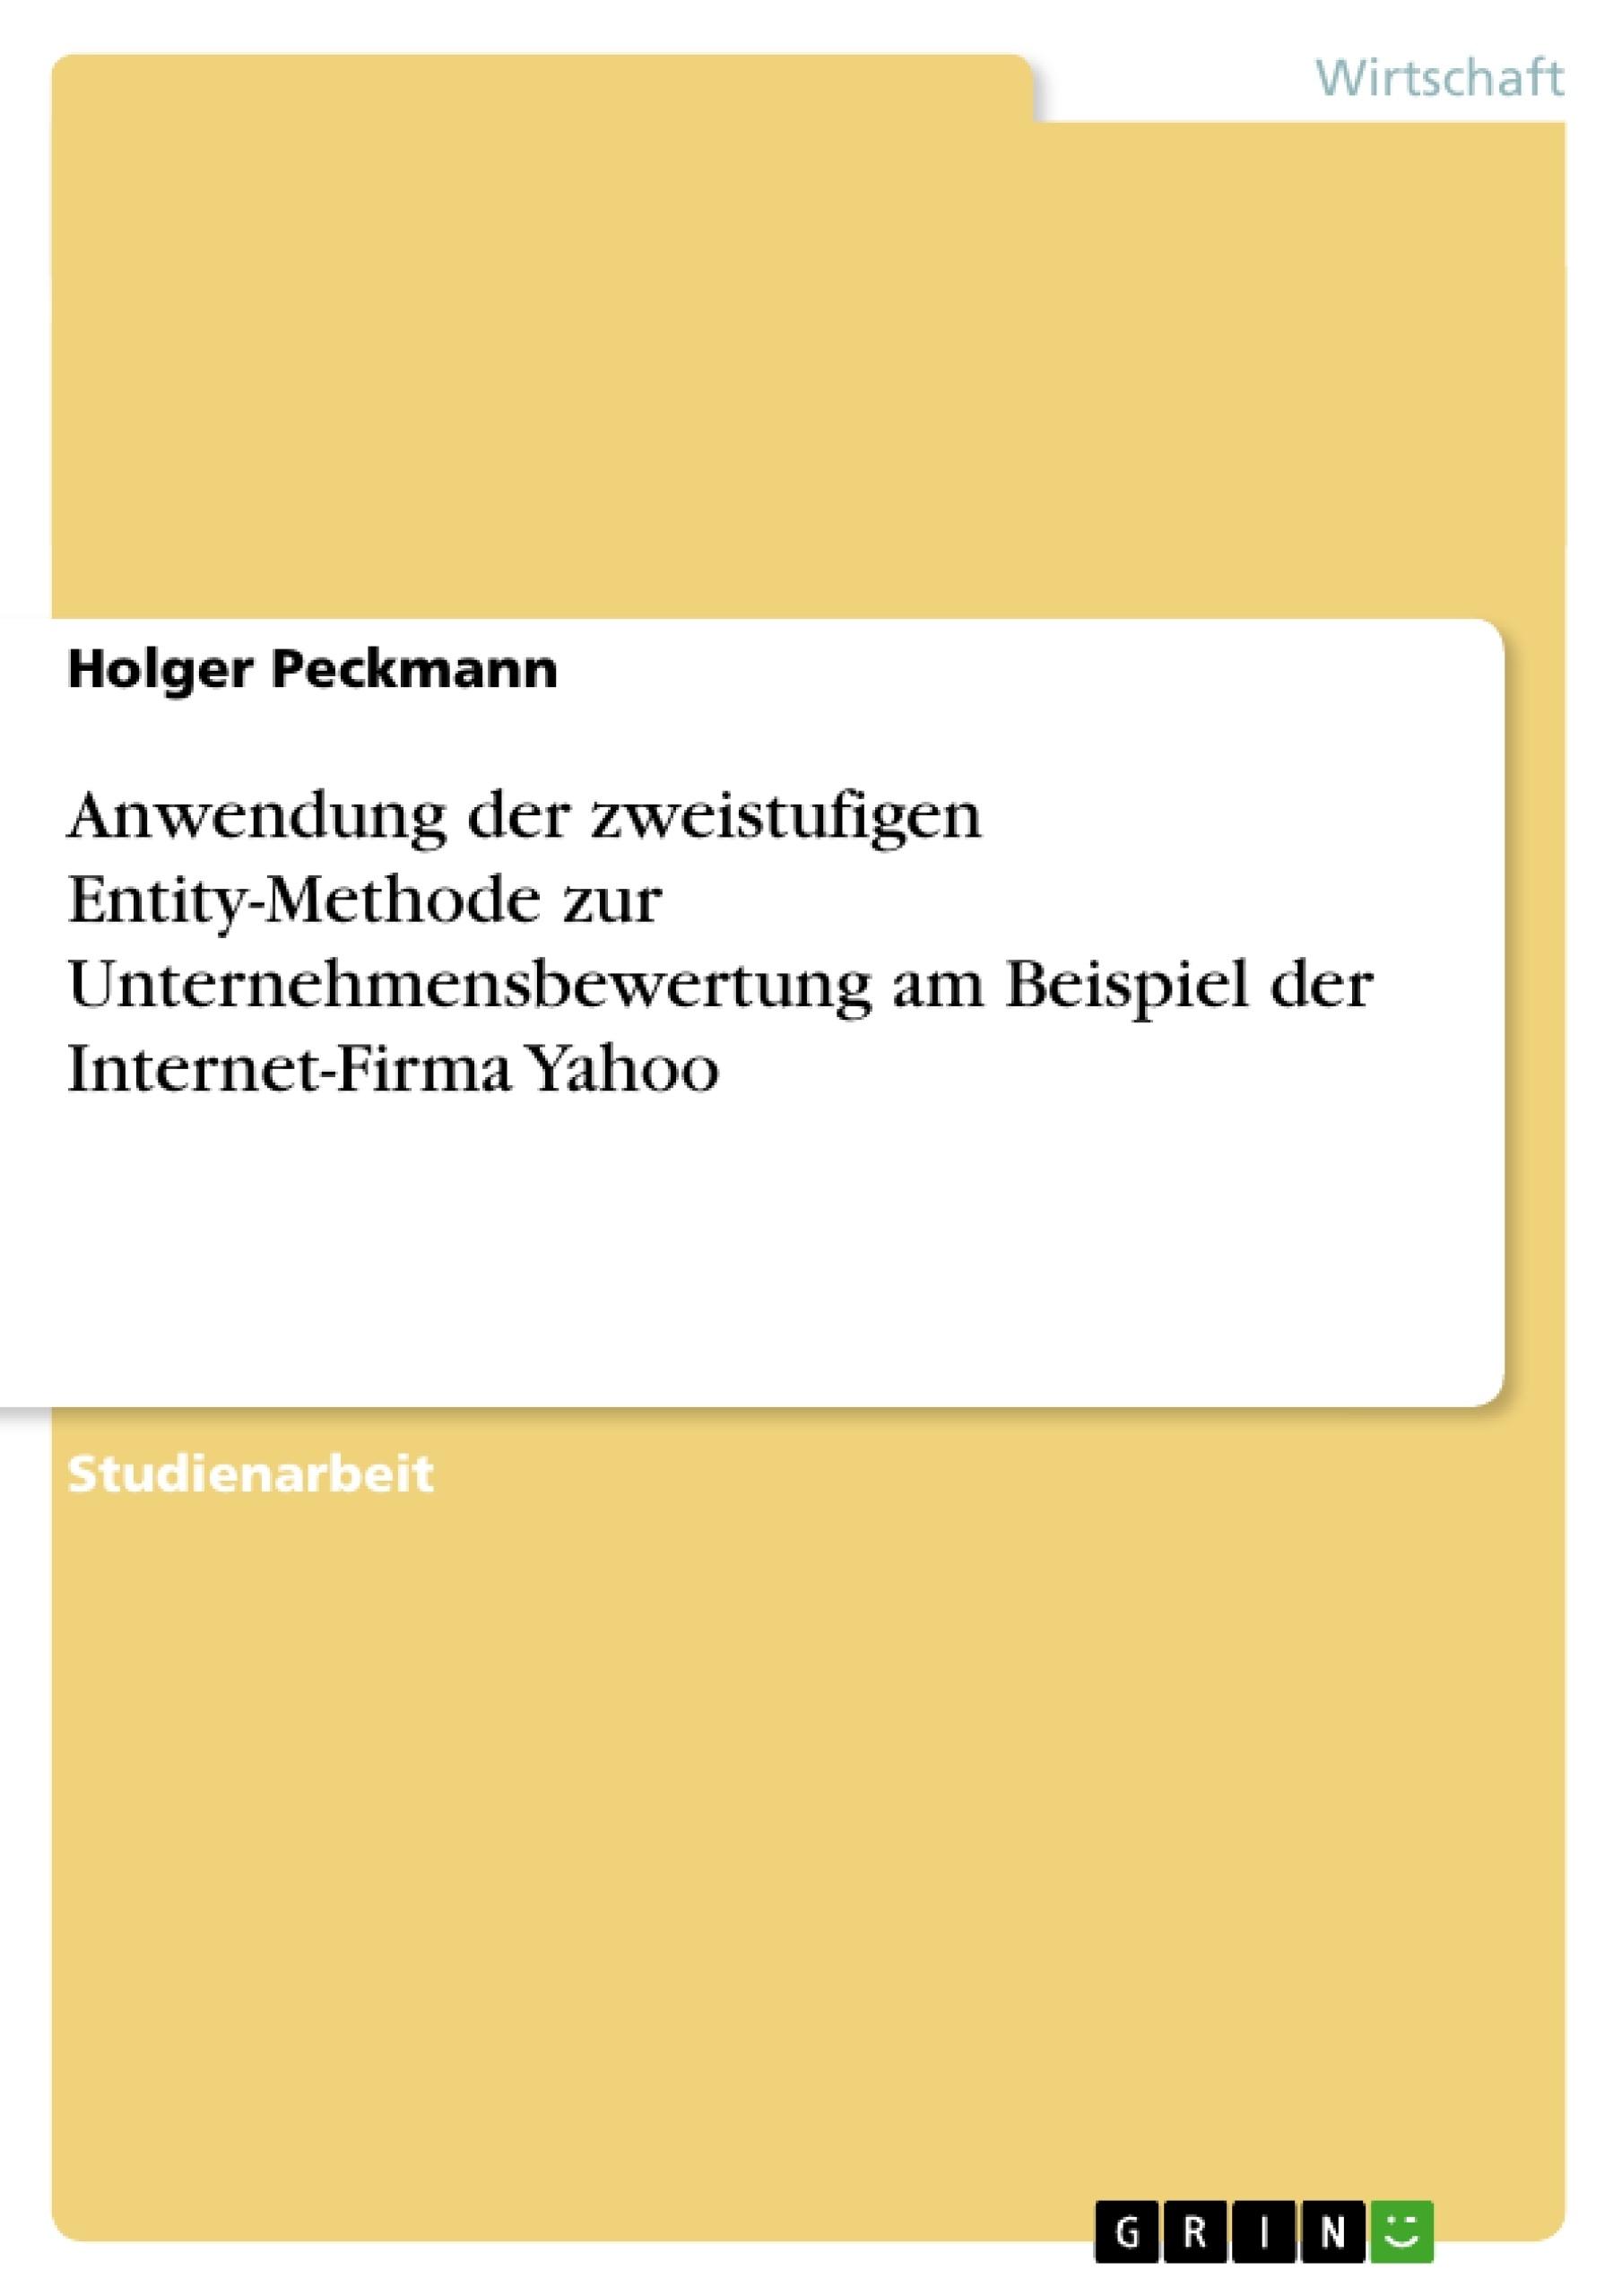 Titel: Anwendung der zweistufigen Entity-Methode zur Unternehmensbewertung am Beispiel der Internet-Firma Yahoo